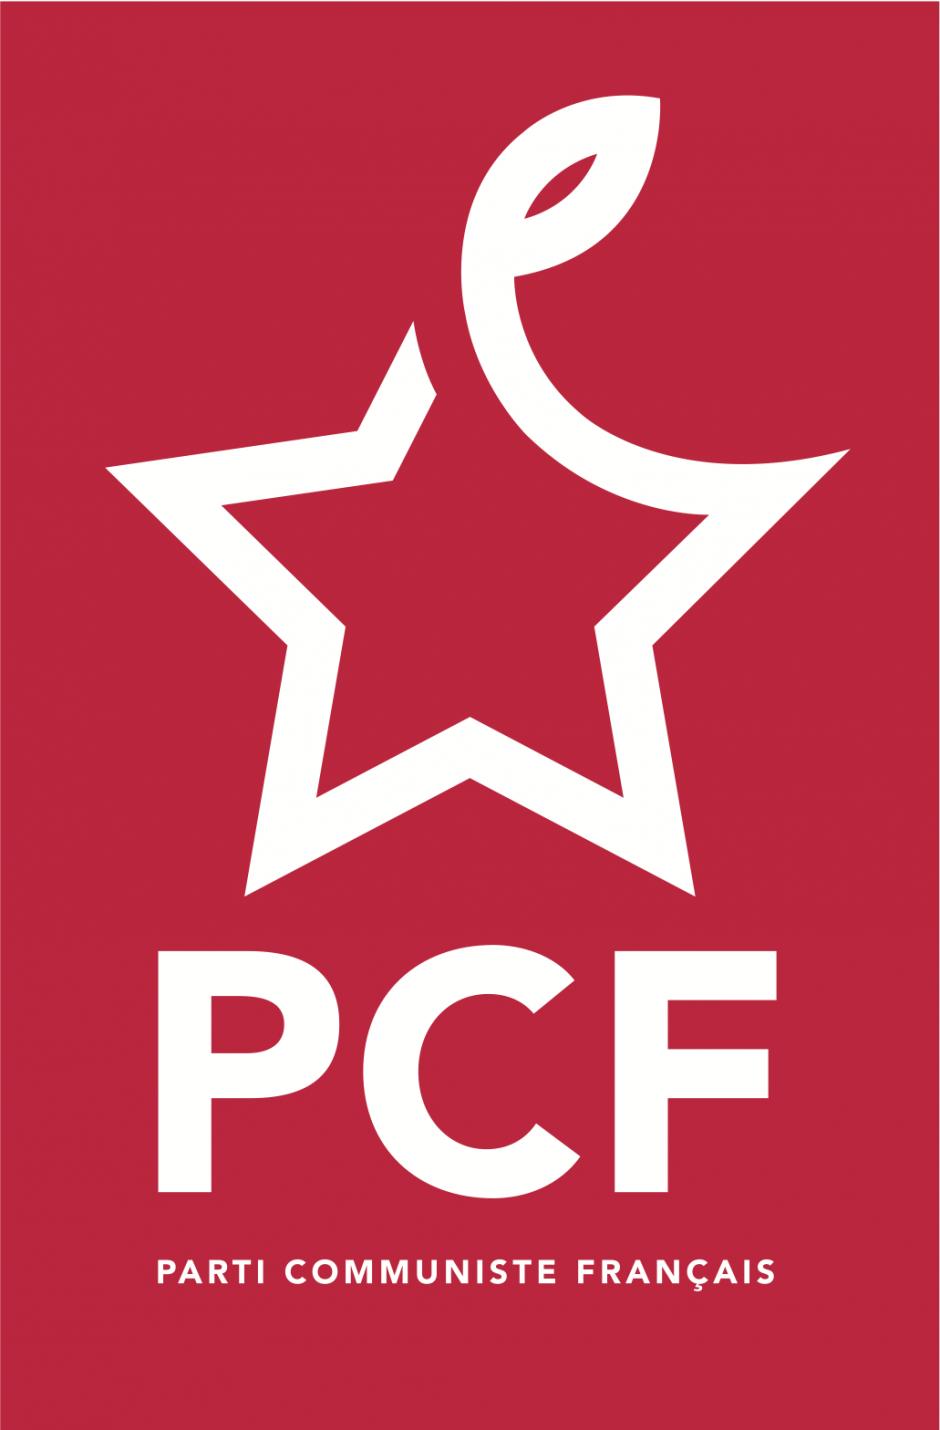 Intervention d'Emmanuel Macron. Déclaration du PCF